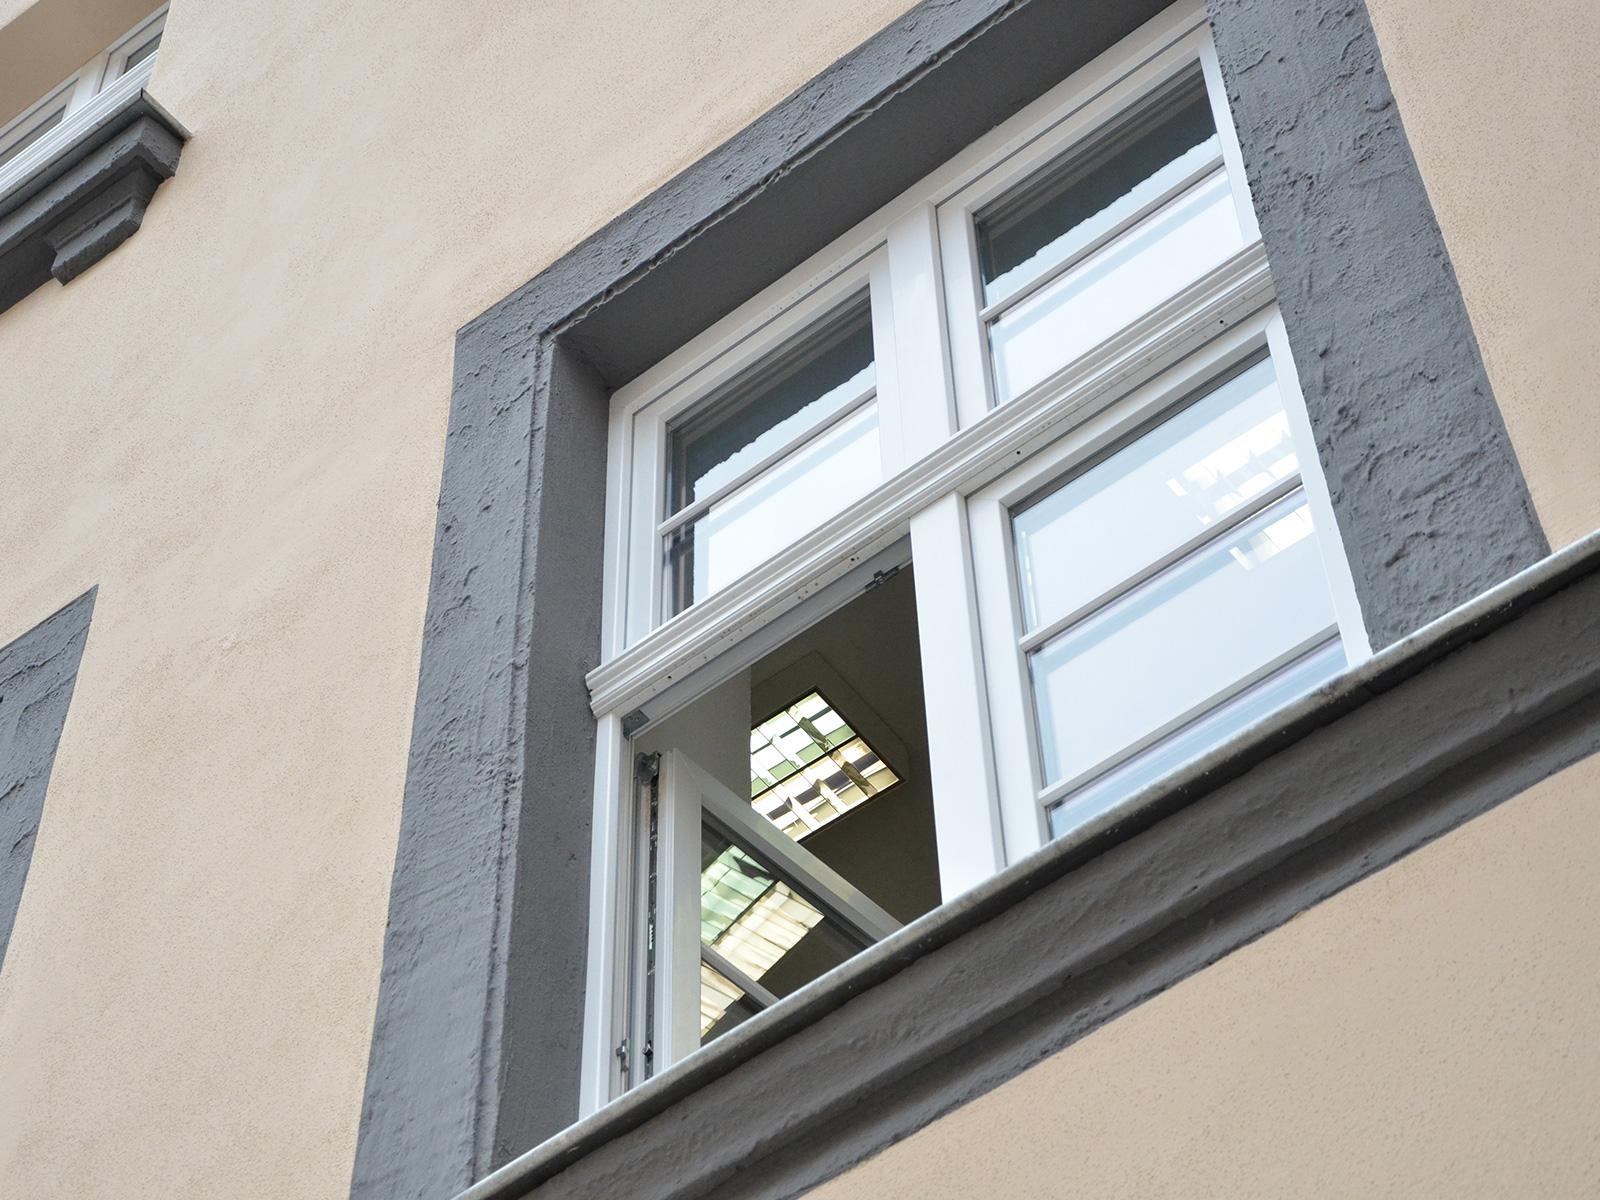 Full Size of Oliplast Fenster Bad Waschtisch Holz Jemako Wandlampe Alu Renovieren Kosten Rechner Sonnenschutz Salamander Hotel Nauheim Deckenlampe Wandleuchte Folie Hotels Wohnzimmer Veka Fenster Softline 70 Ad Erfahrungen